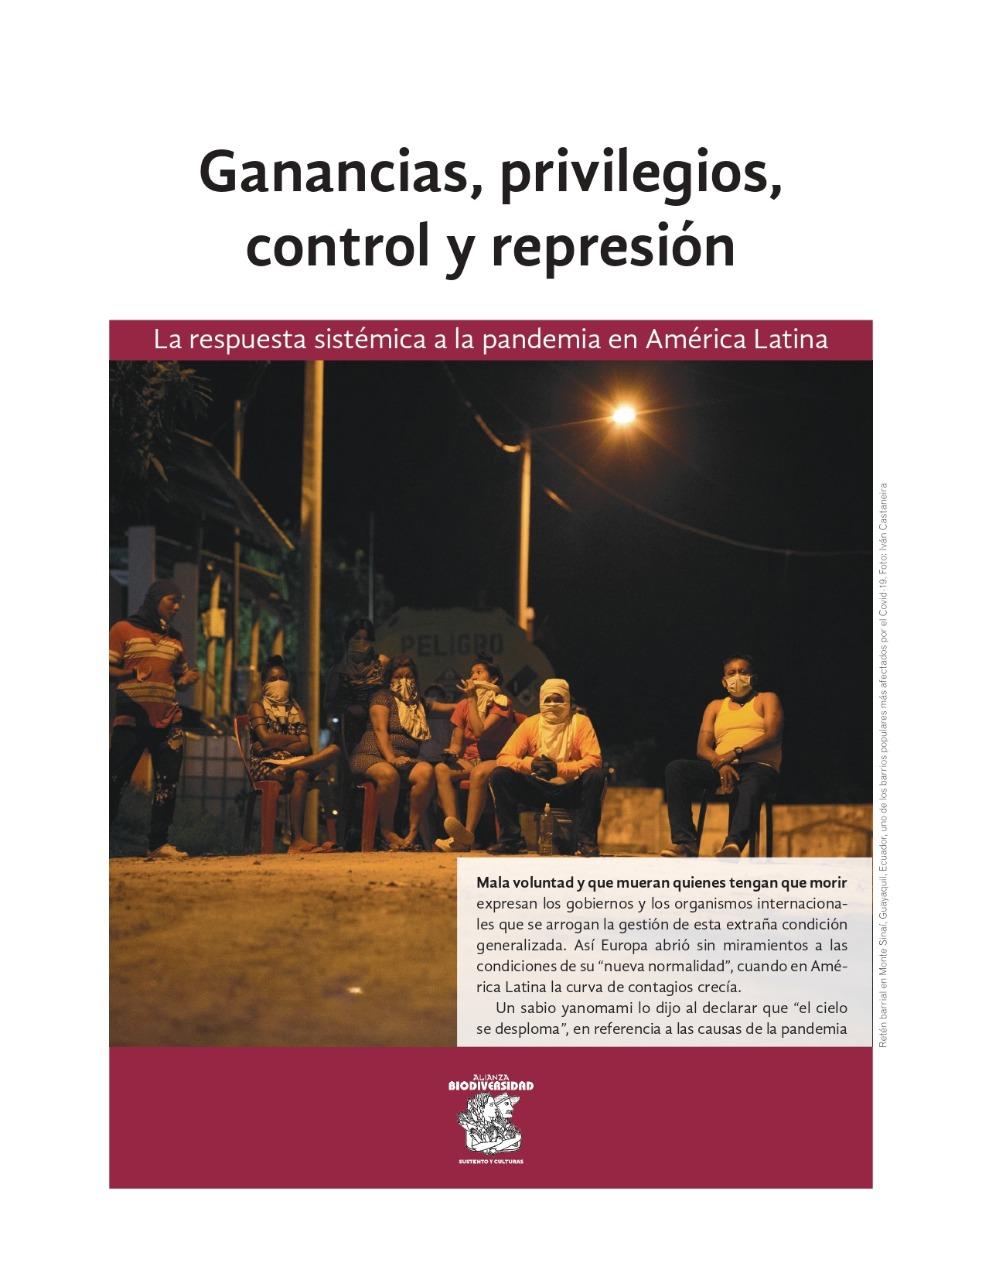 Grafica alusiva a Ganancias, privilegios, control y represión